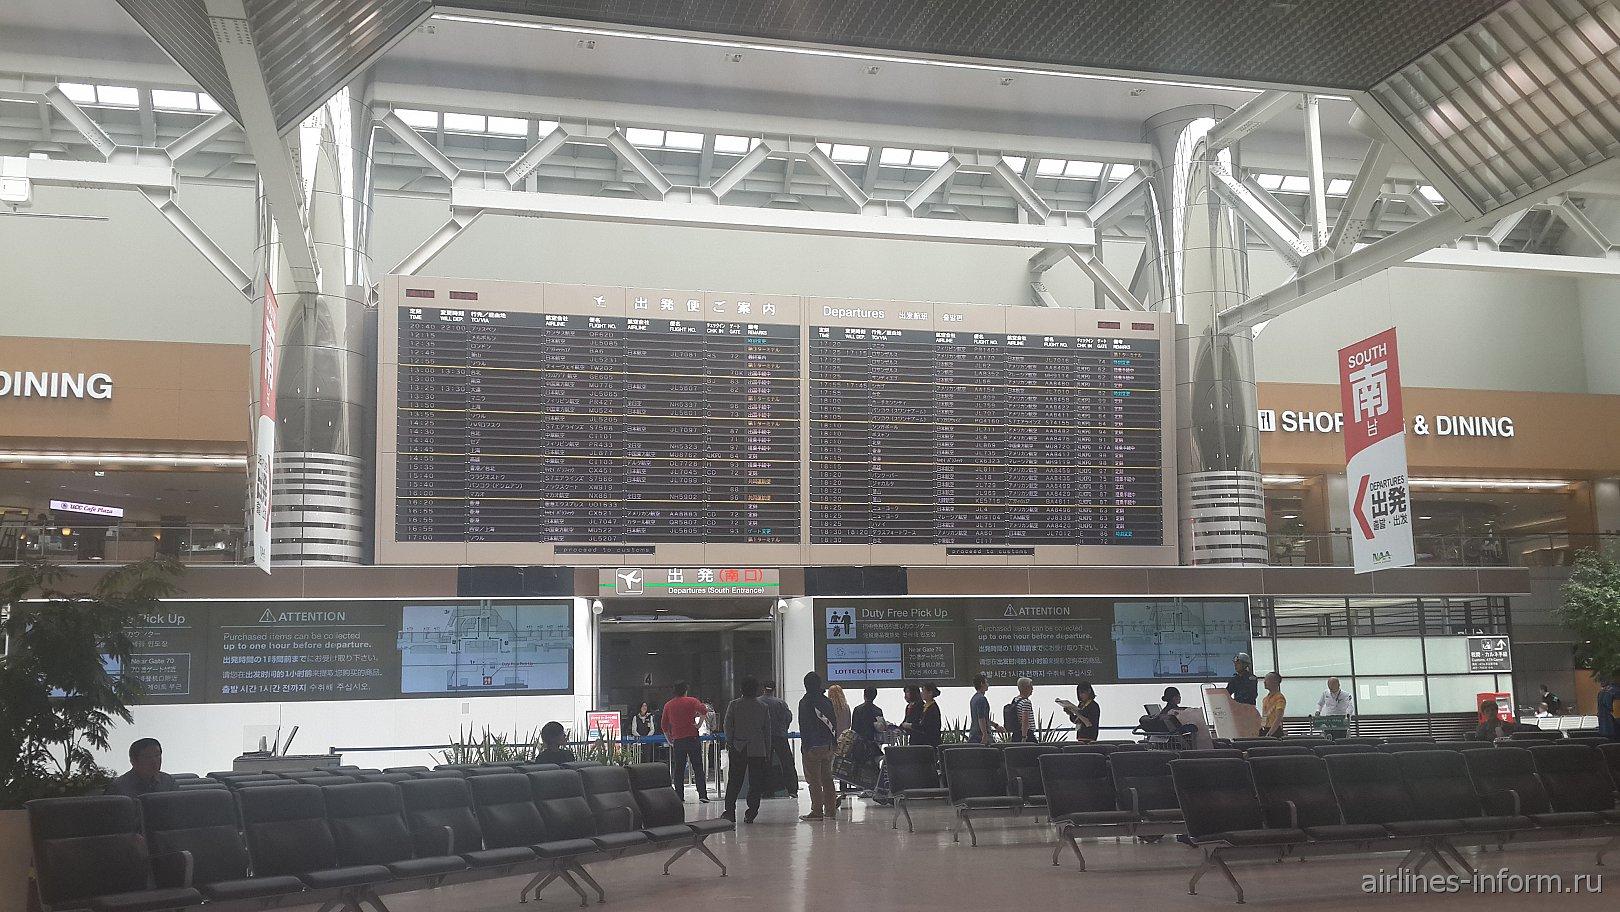 Табло вылетов рейсов в аэропорту Токио Нарита